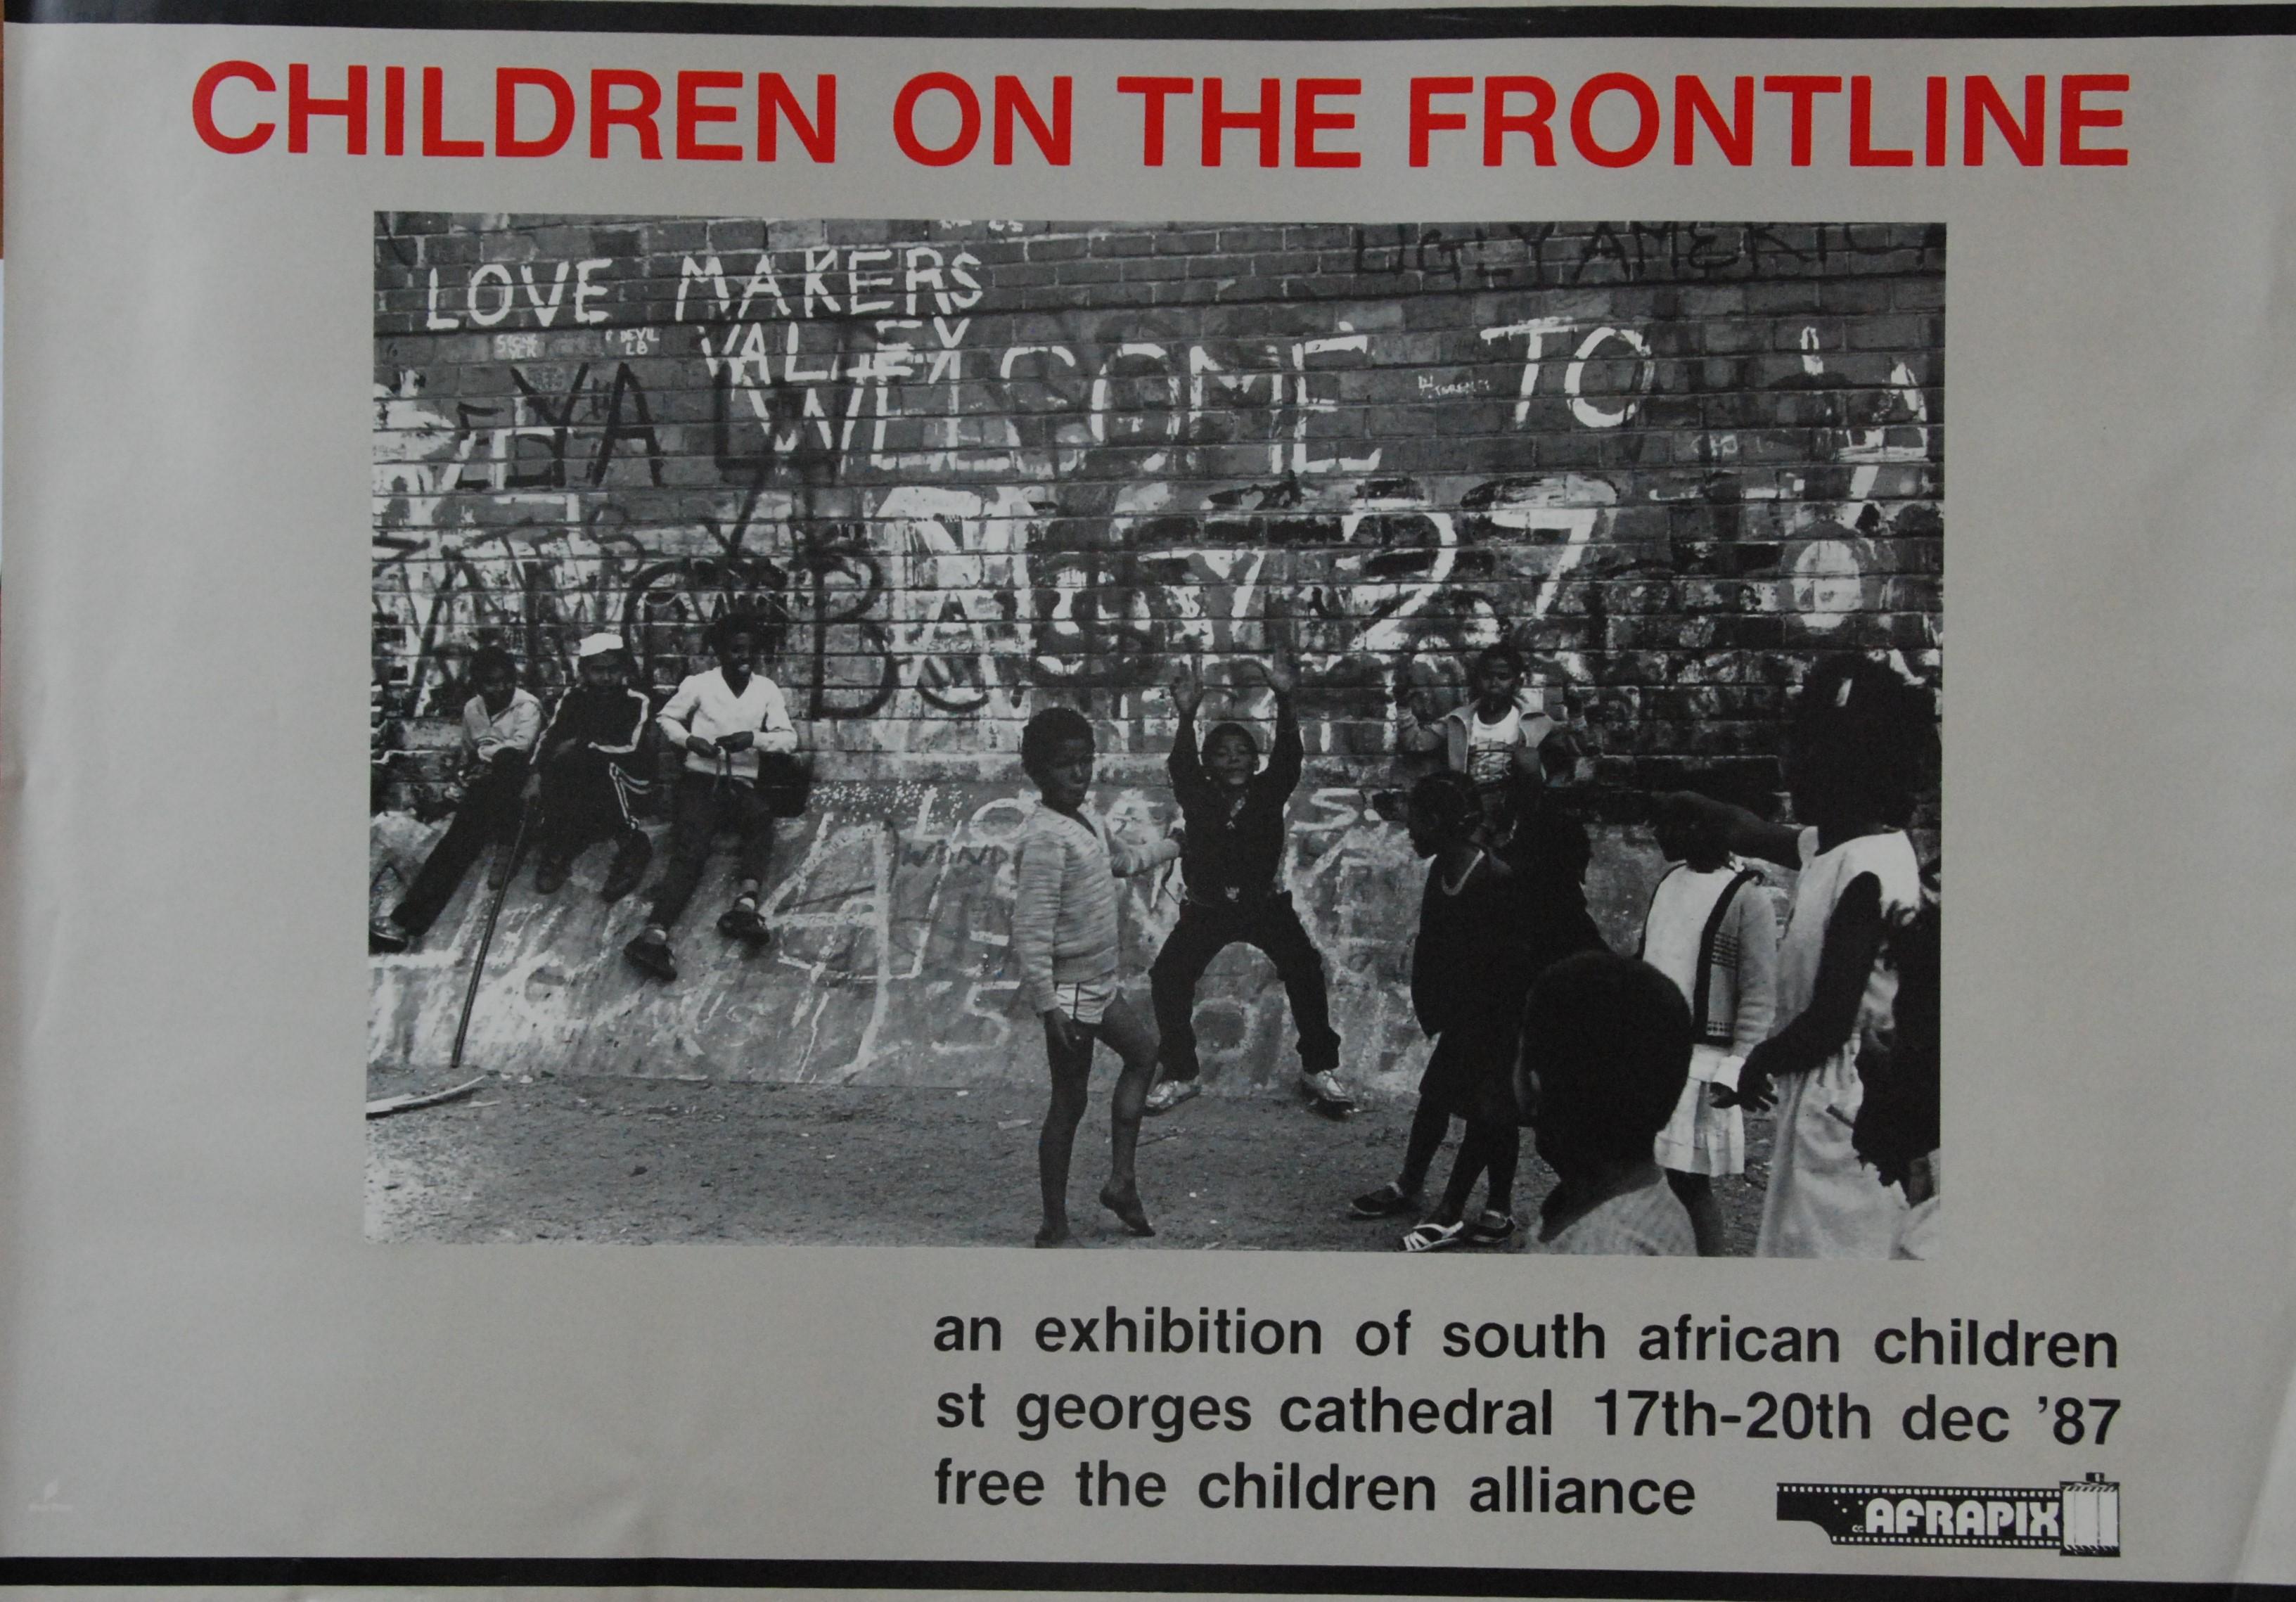 Children on the Frontline 1987